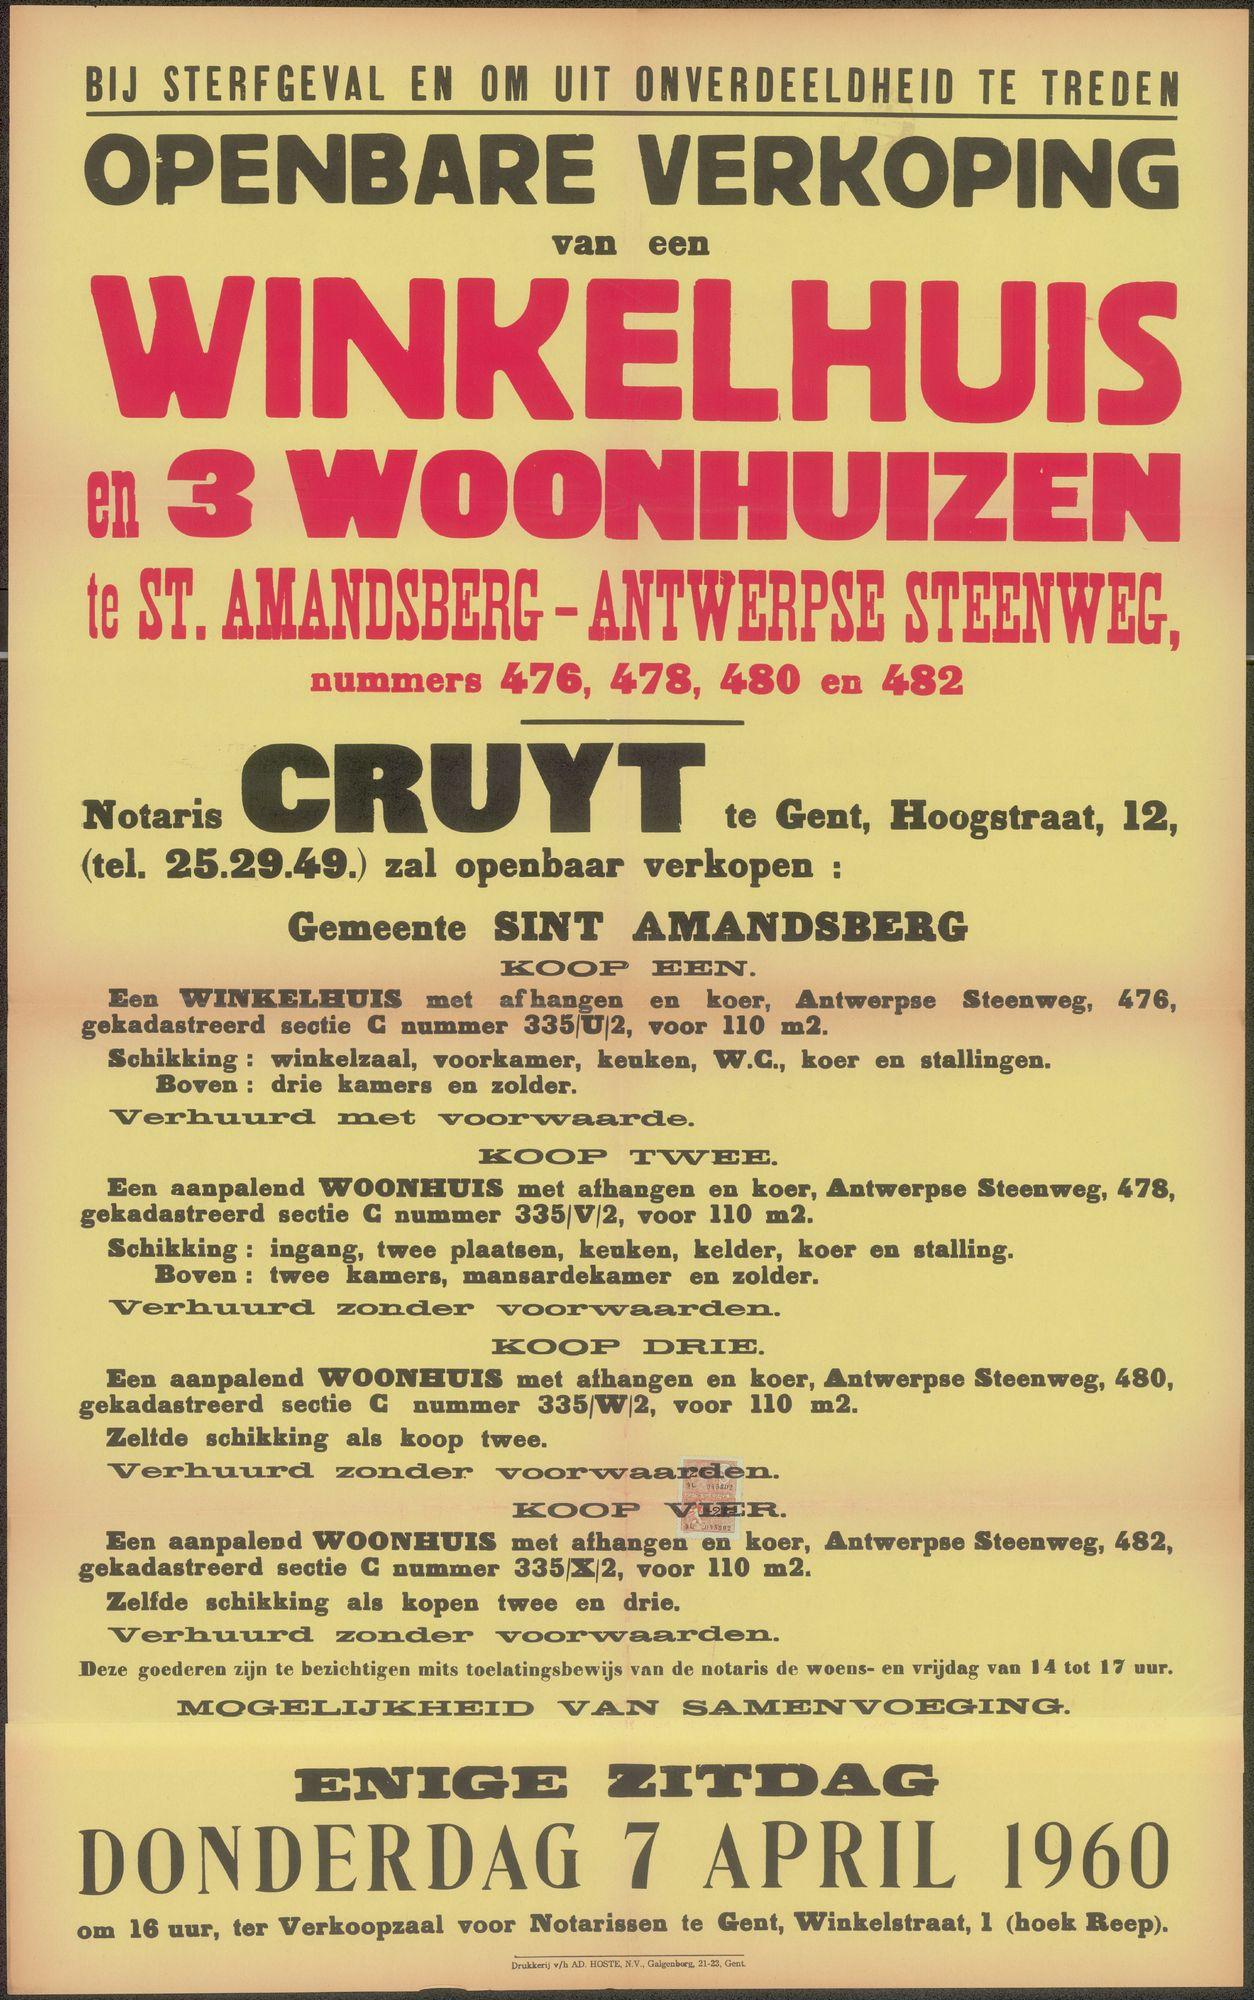 Openbare verkoop van een winkelhuis en 3 woonhuizen te Sint-Amandsberg - Antwerpsesteenweg, nrs. 476, 478, 480 en 482, Gent, 7 april 1960